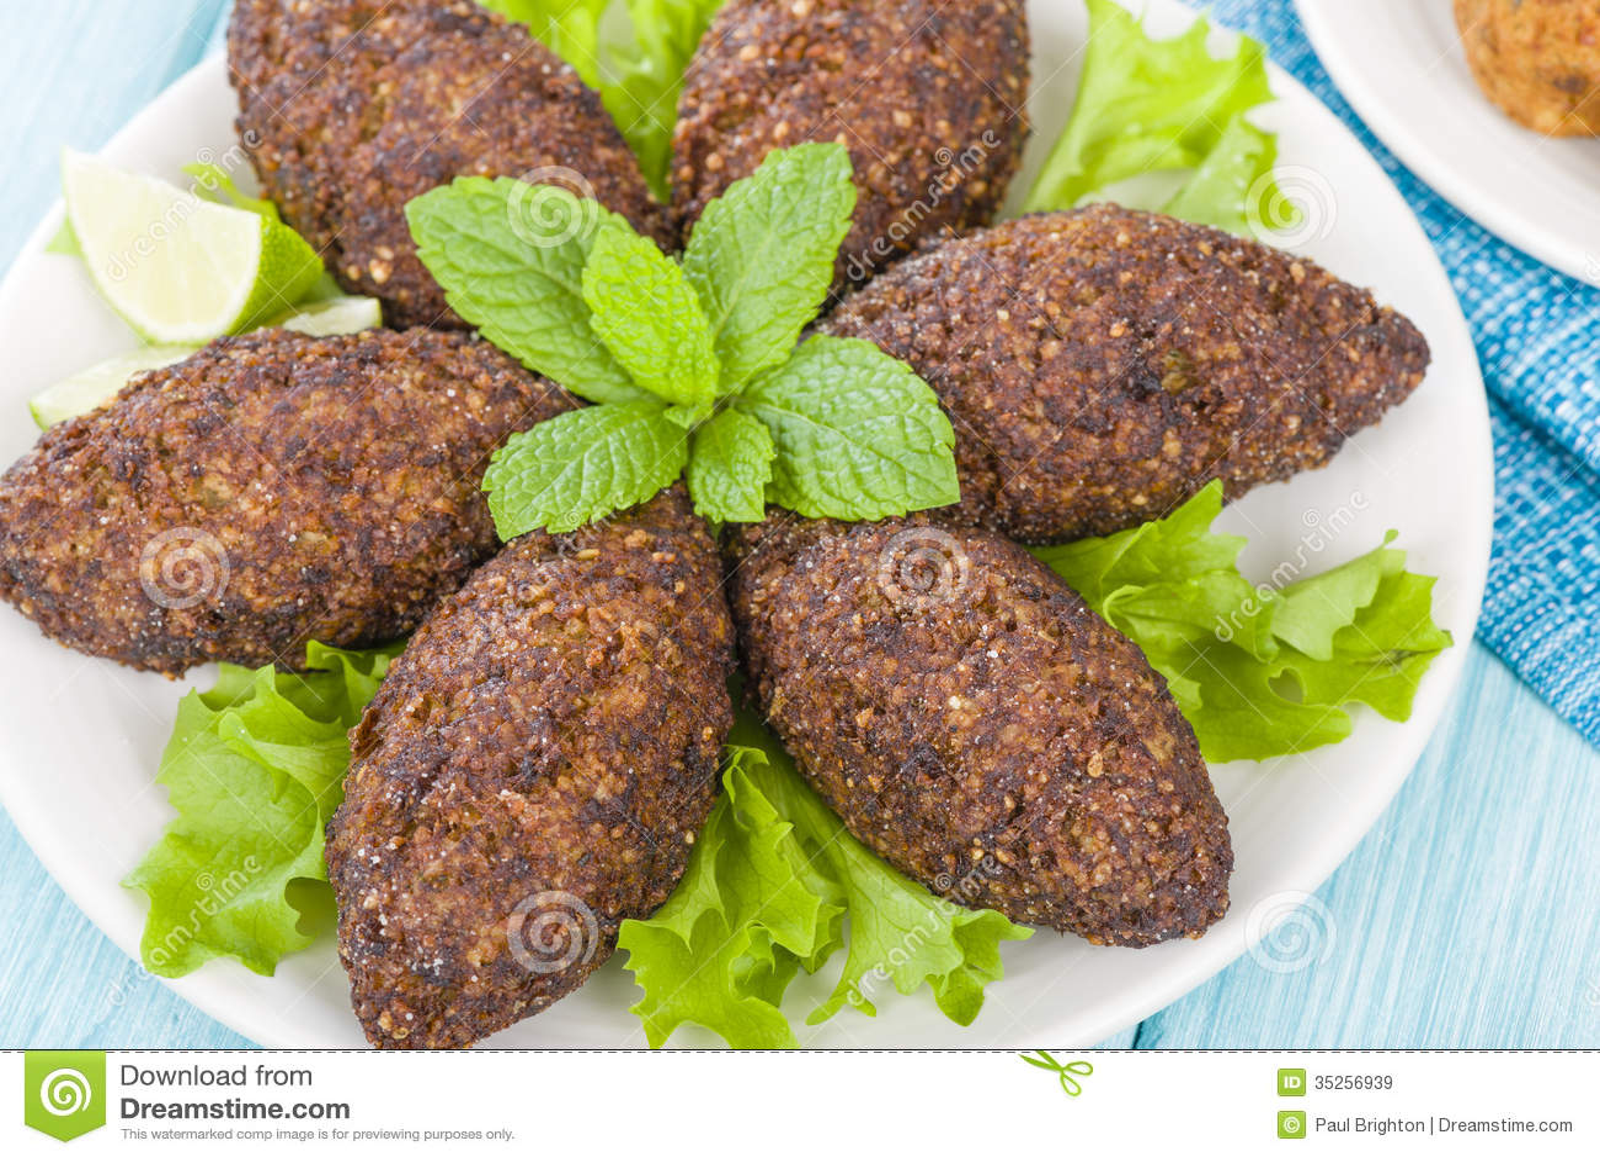 Lebanese food kibbe